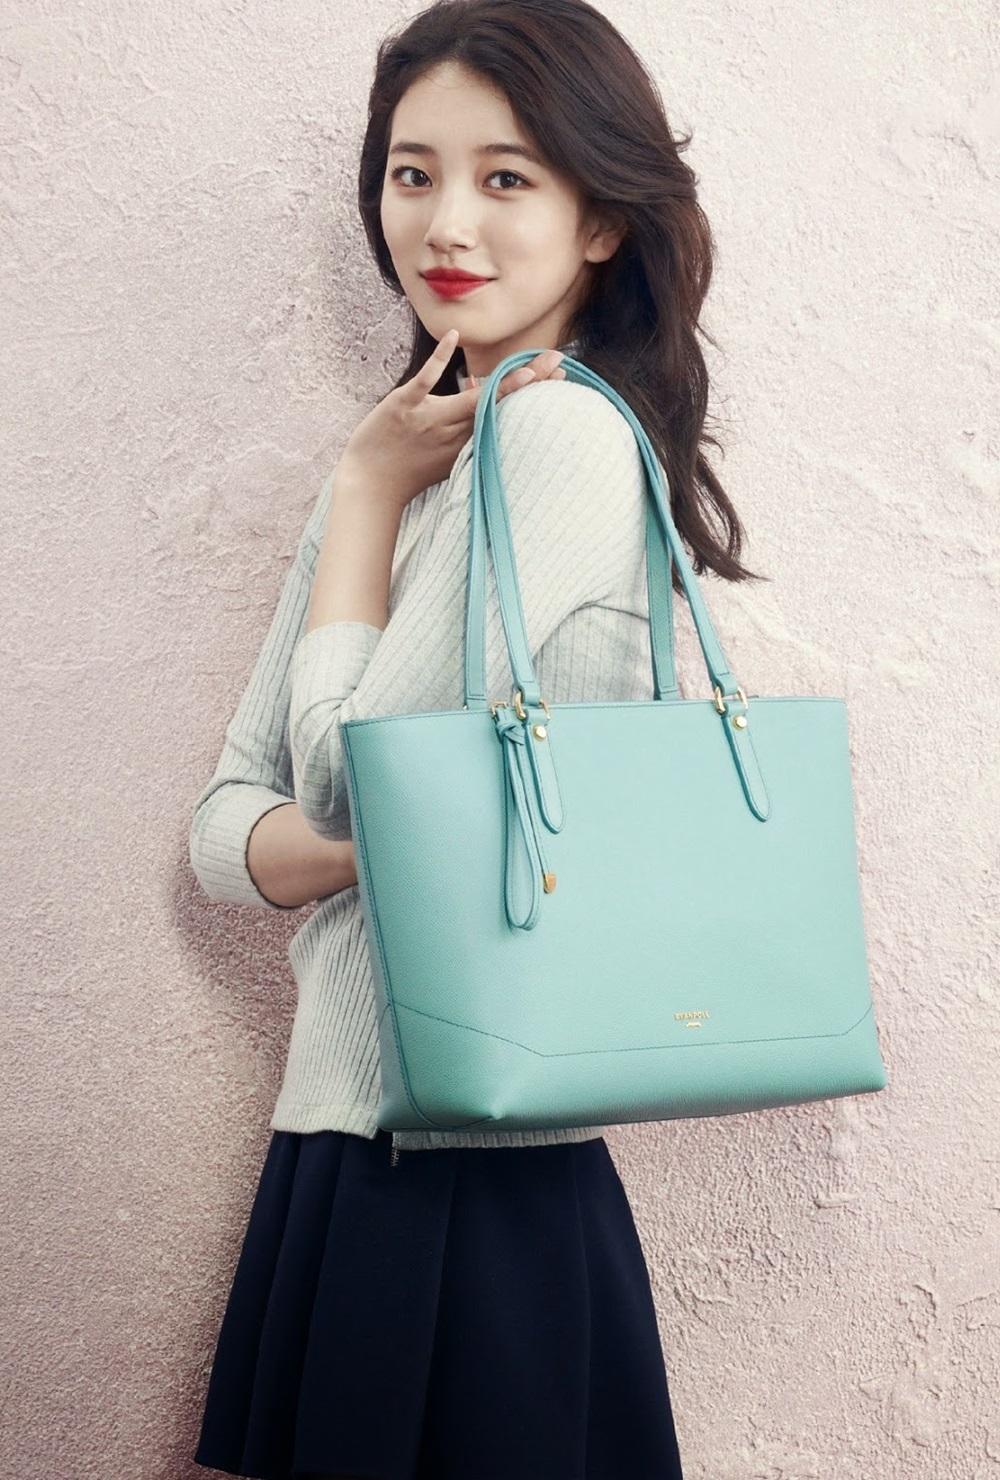 Suzy bổ sung BST túi màu sắc với. Cộng đồng fan Suzy từng săn lùng  thiết kế gam xanh ngọc giống thần tượng. Mẫu túi của Bean Pole ghi điểm với